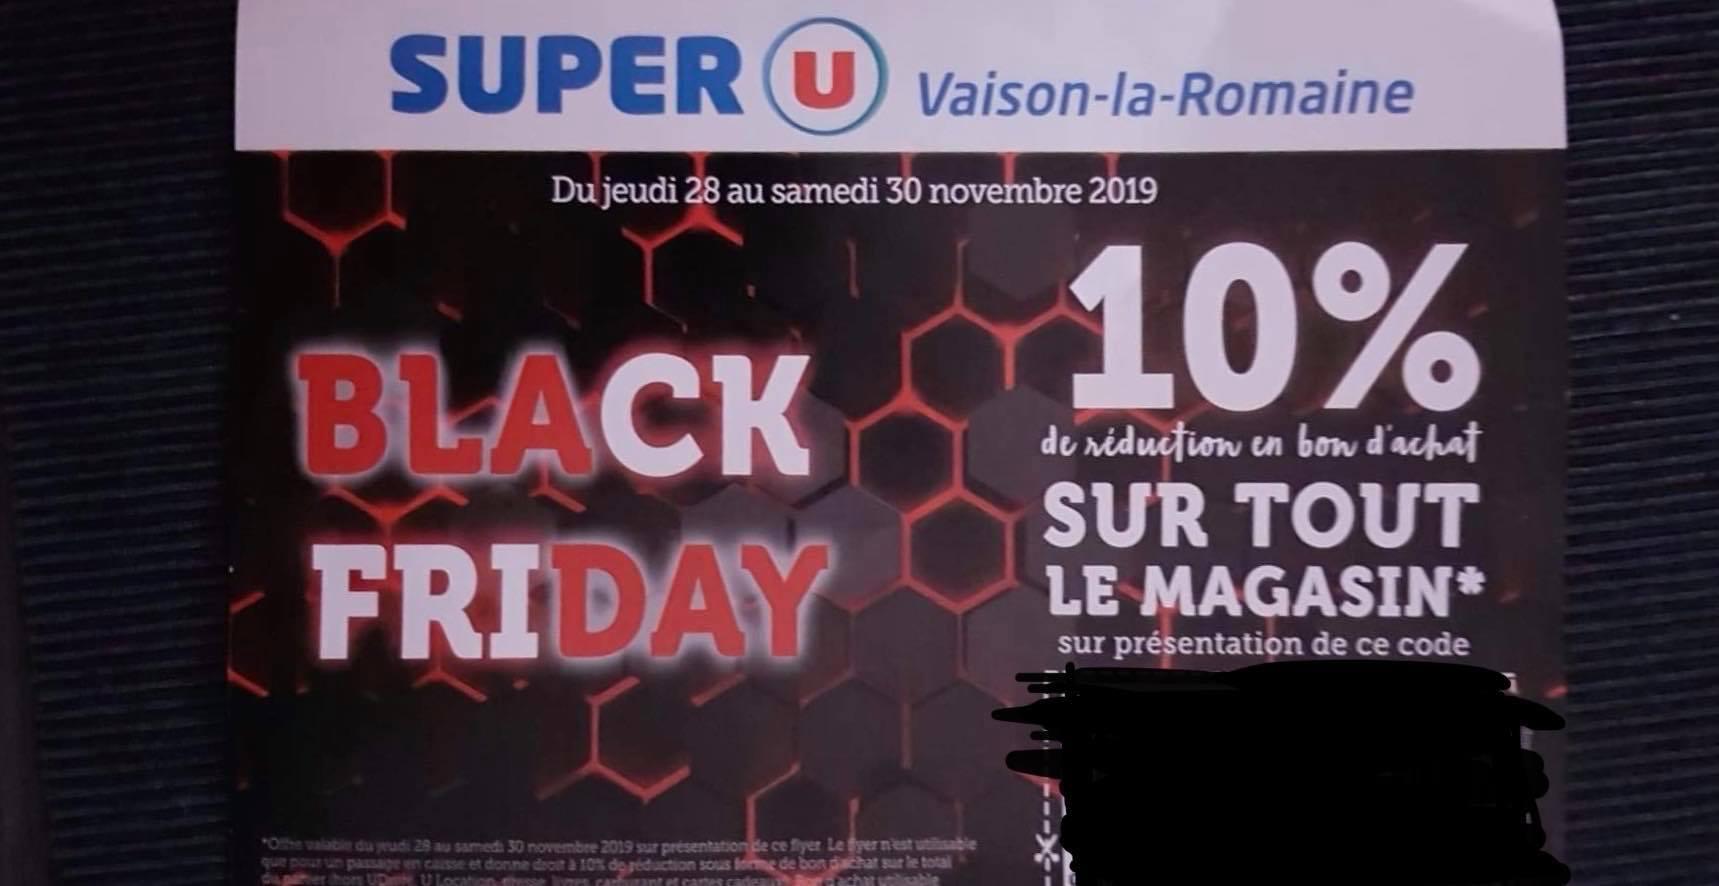 10% offert en bon d'achat sur tout le magasin - Super U Vaison-la-Romaine (84)